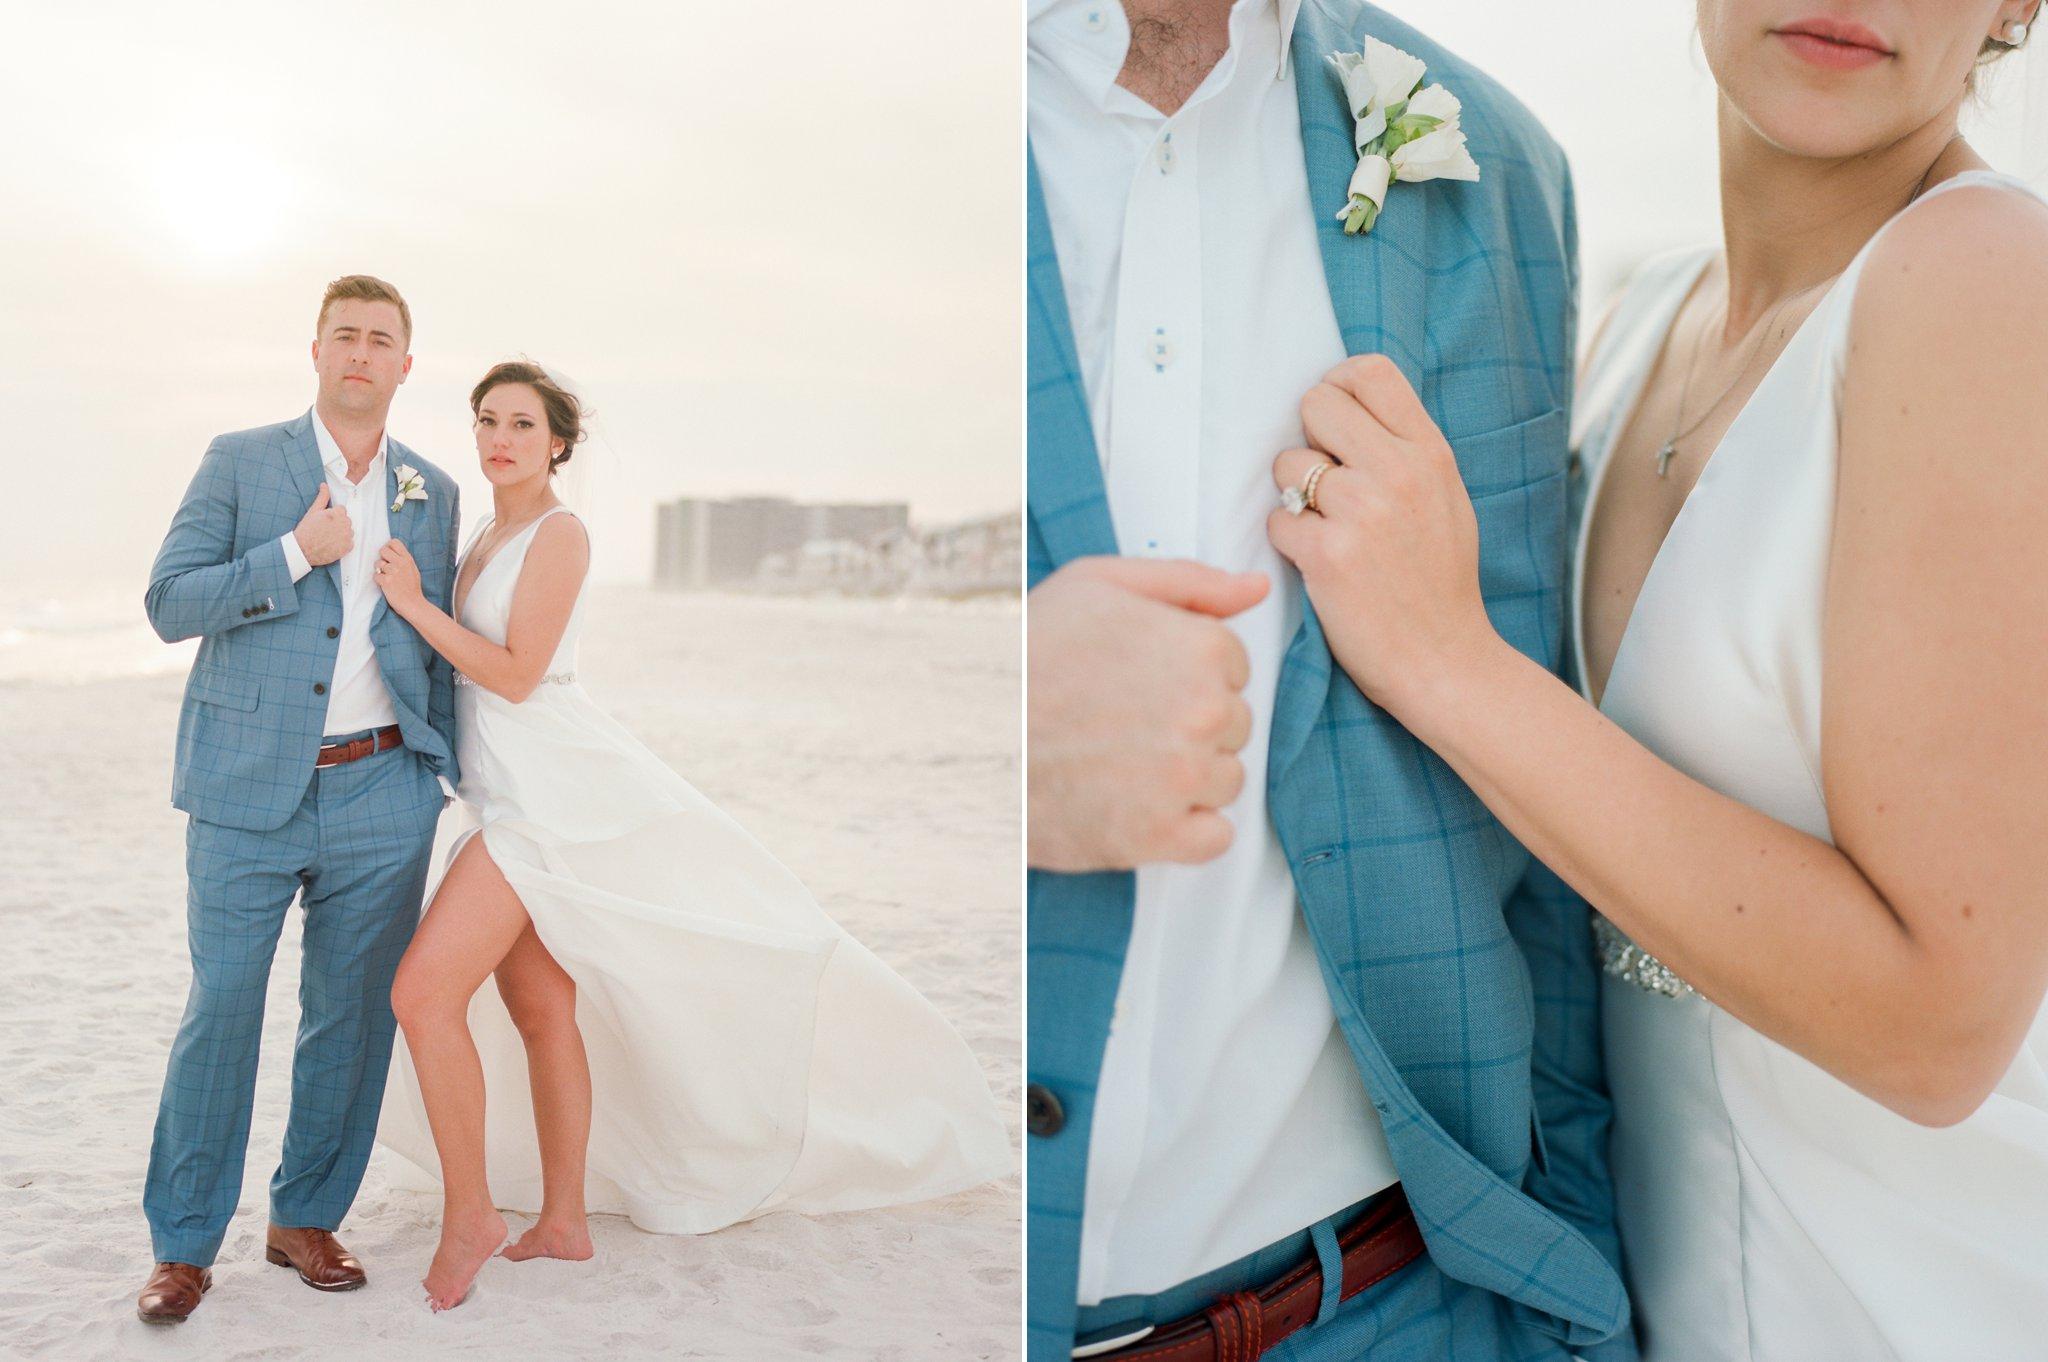 carillon beach wedding photographer shannon griffin photographer_0050.jpg